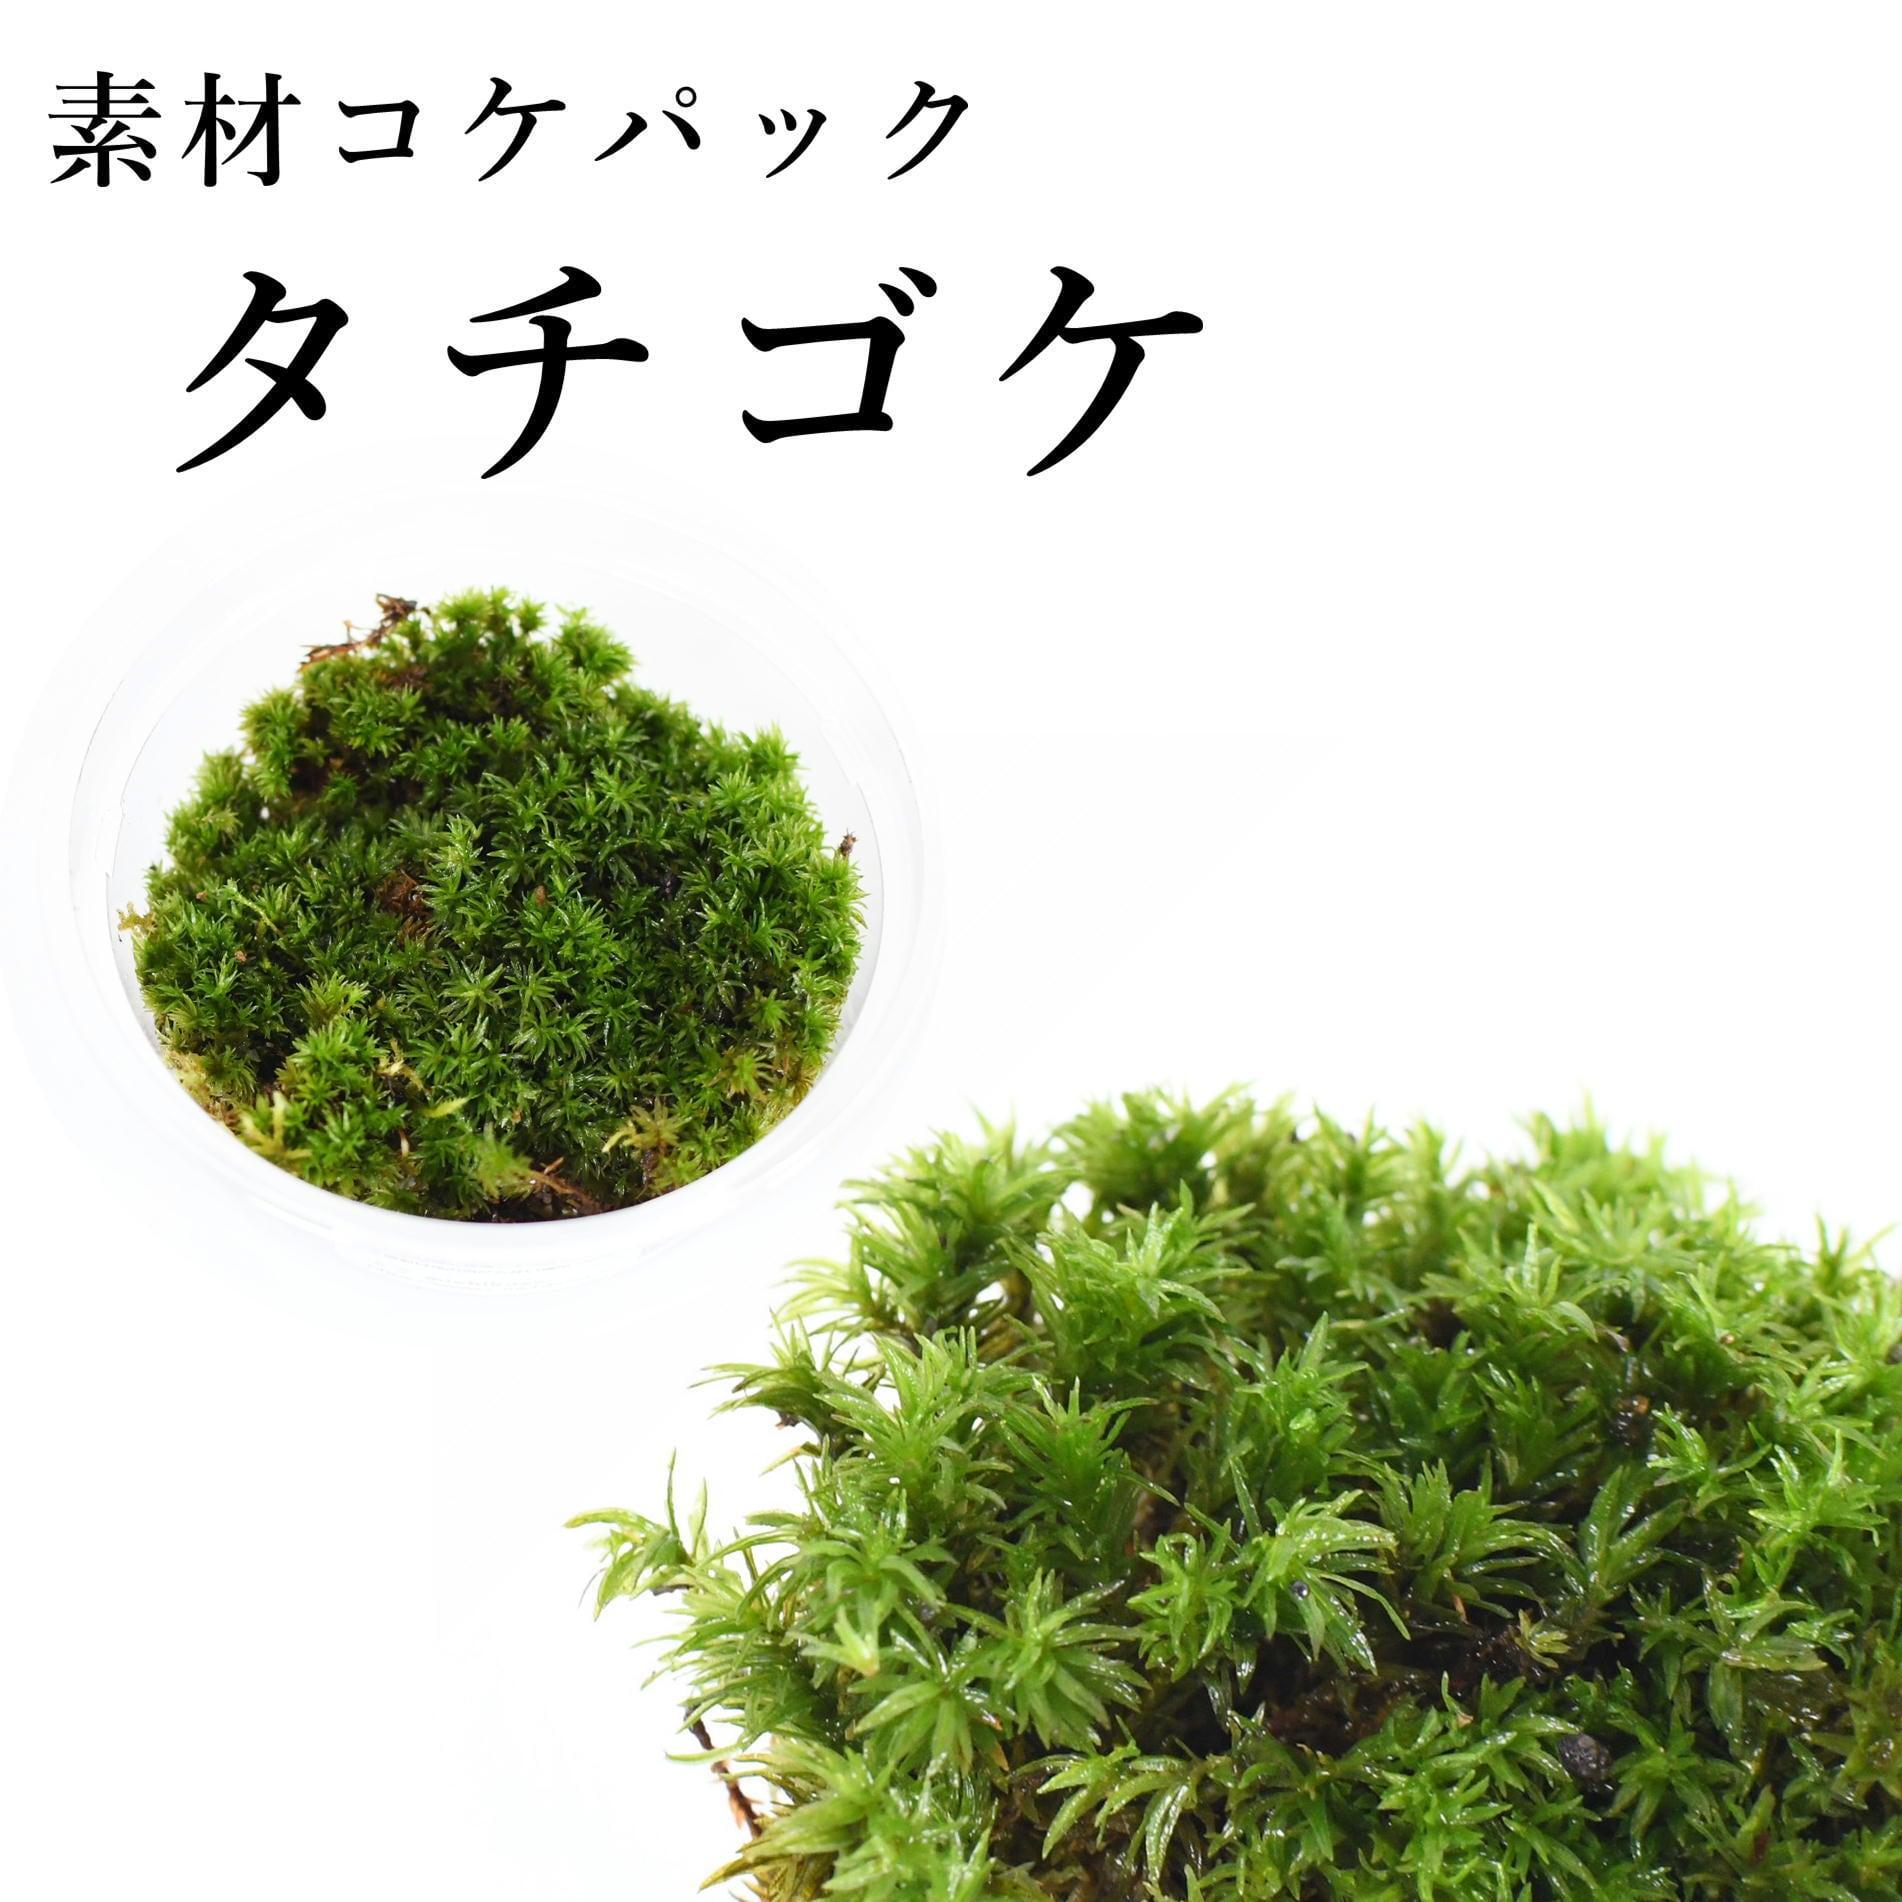 タチゴケ 苔テラリウム作製用素材苔